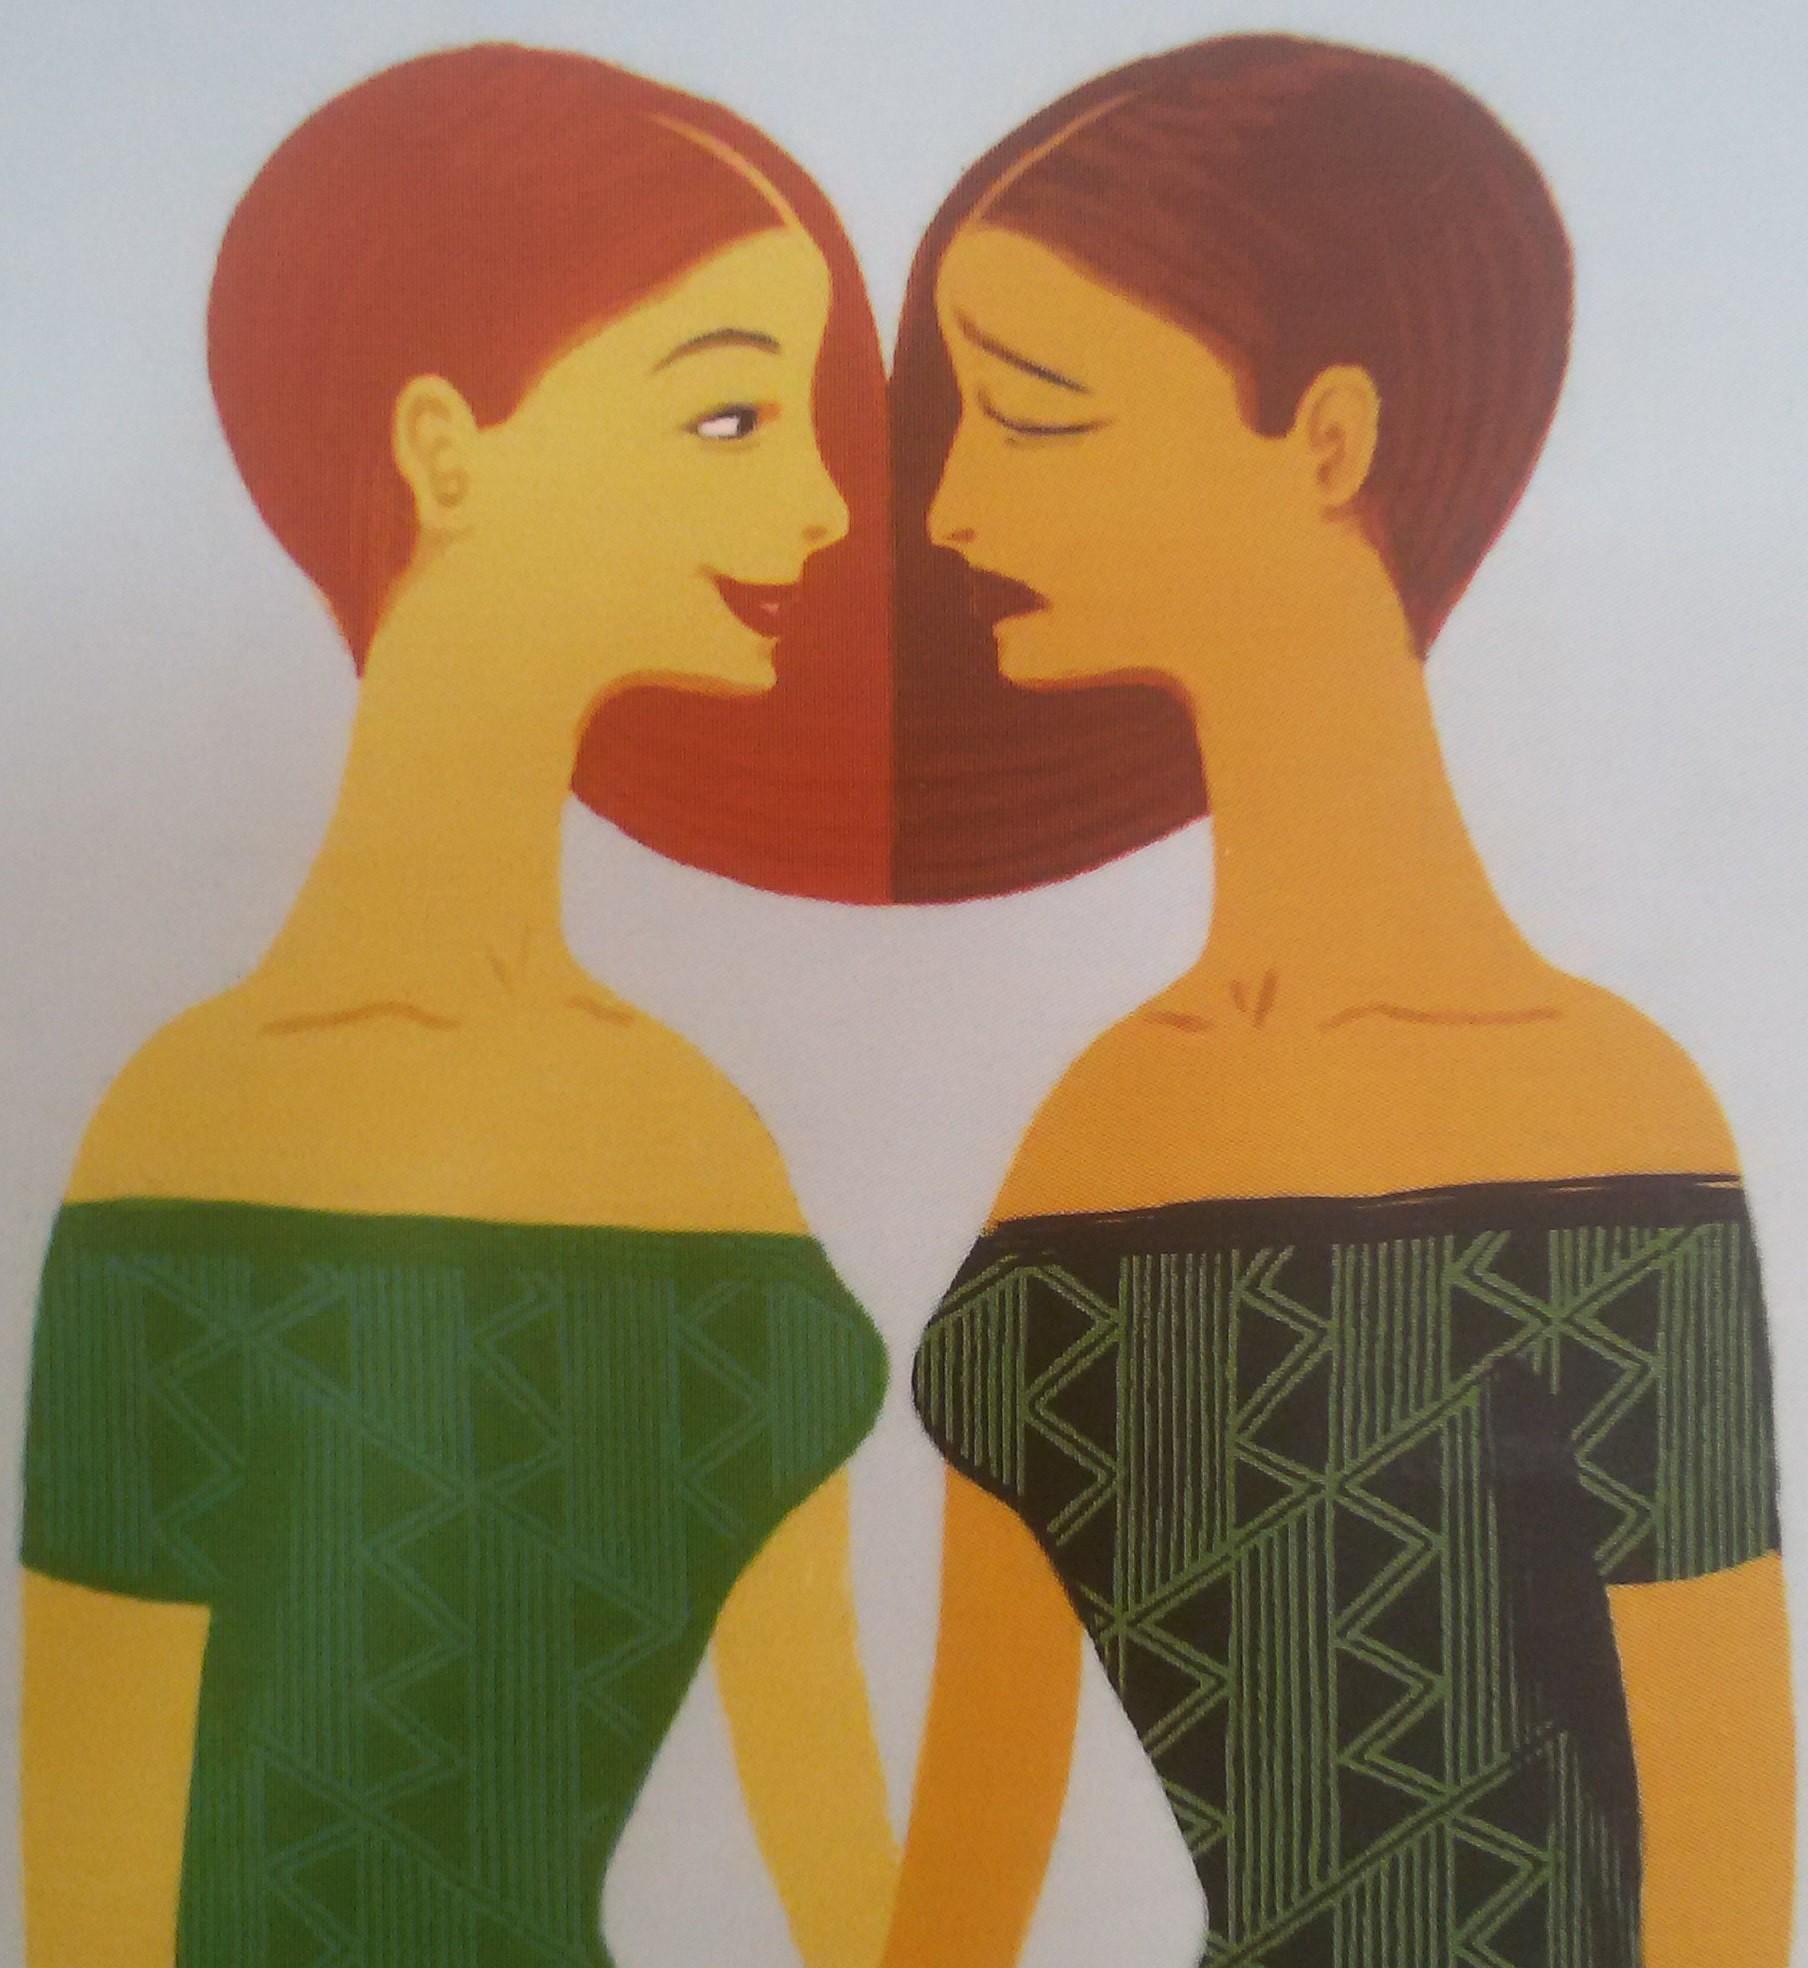 La nostra parte nascosta: L'ombra (Alessandra Zanuso)